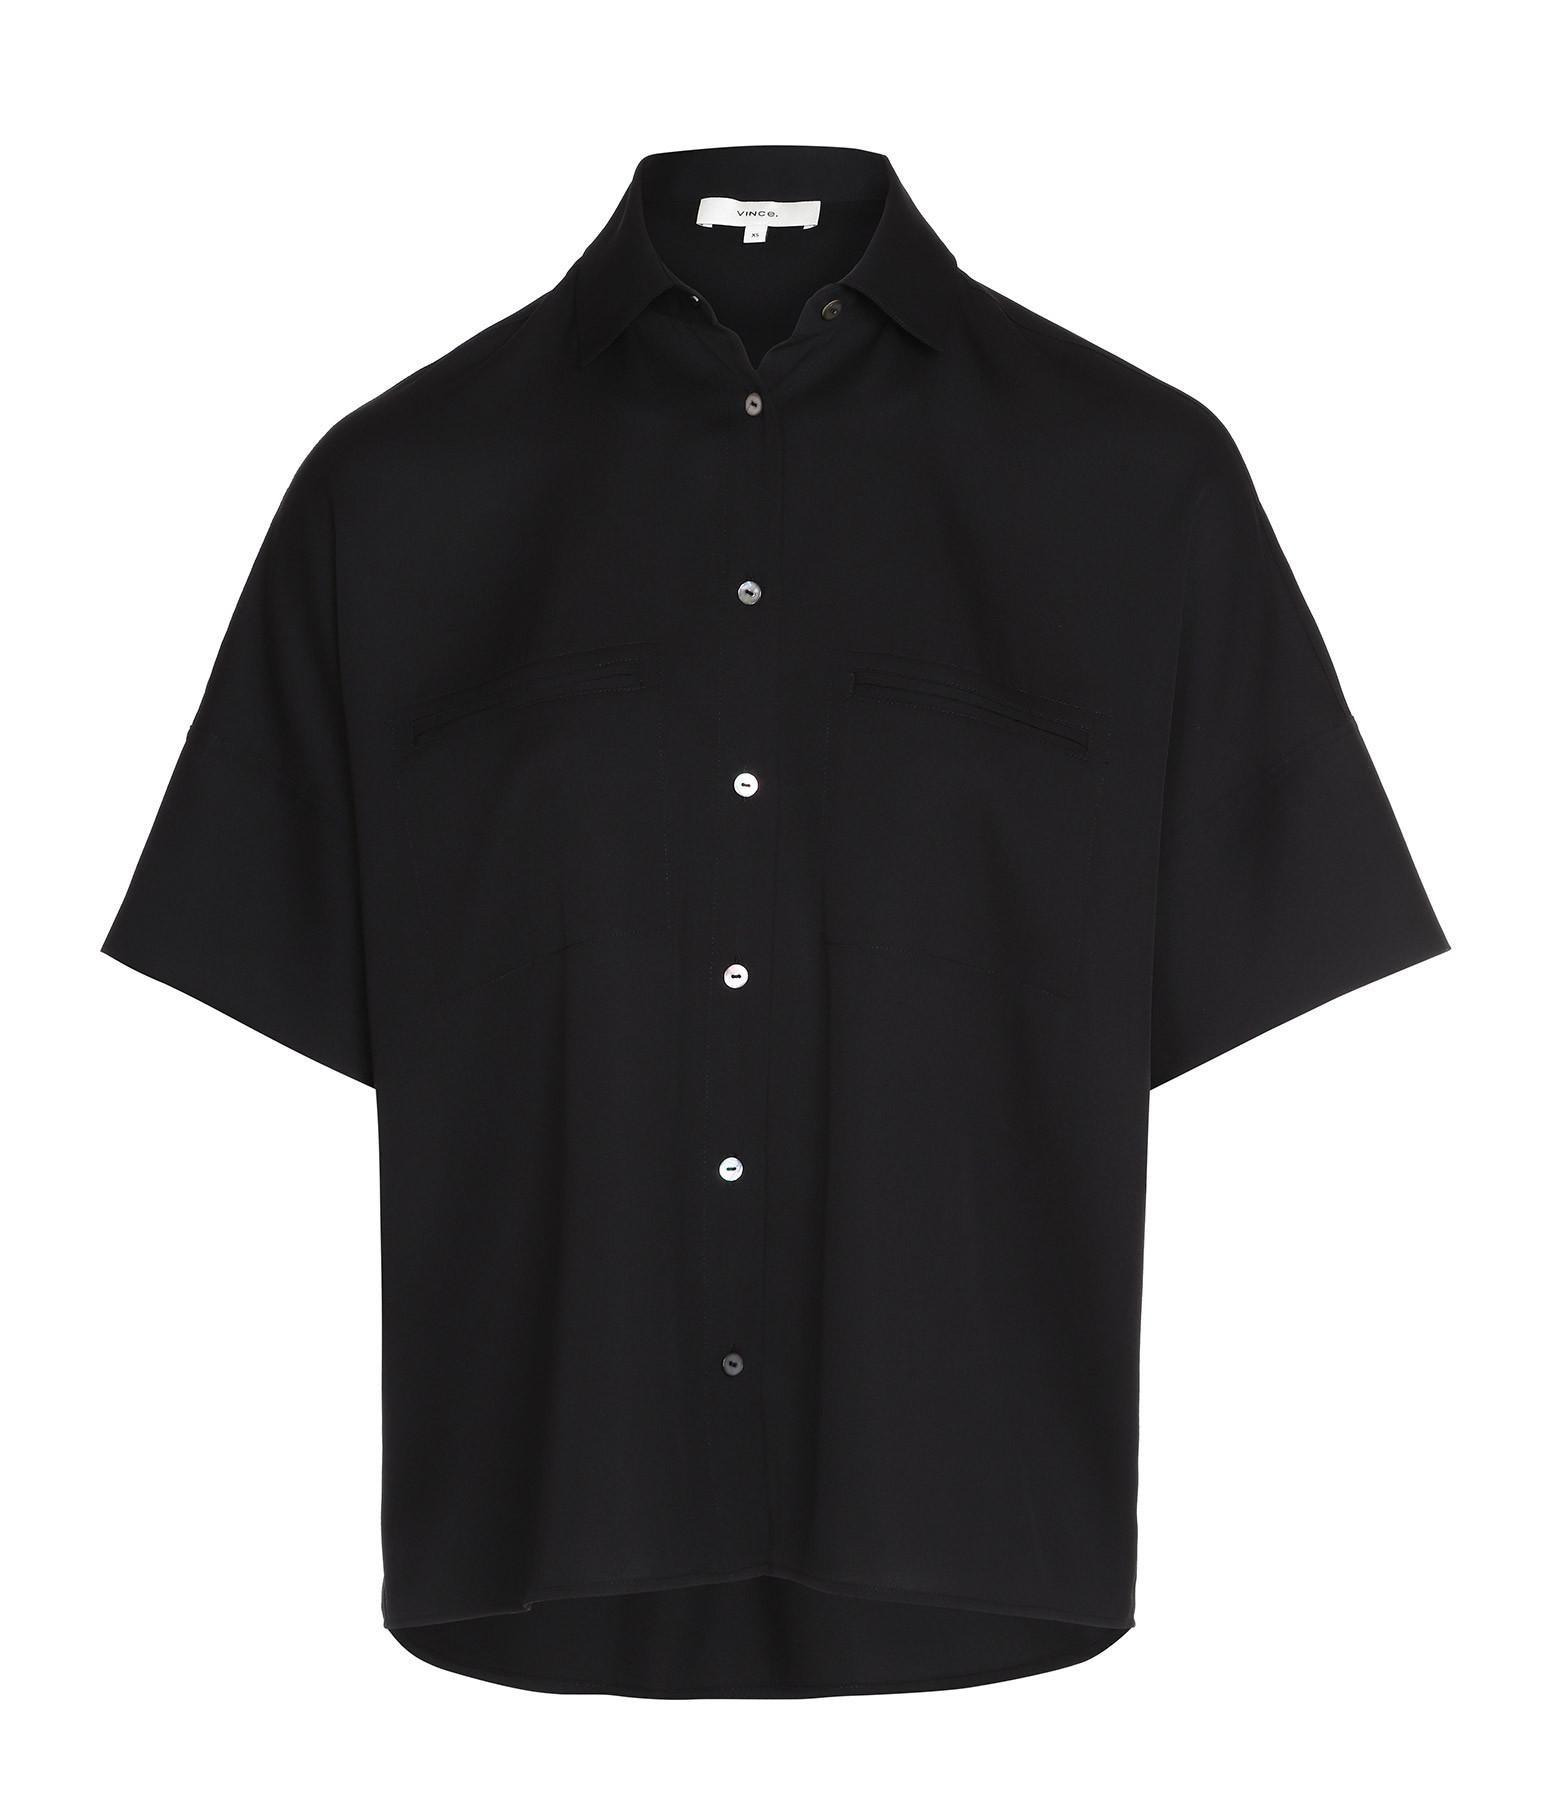 VINCE - Chemise Soie Noir